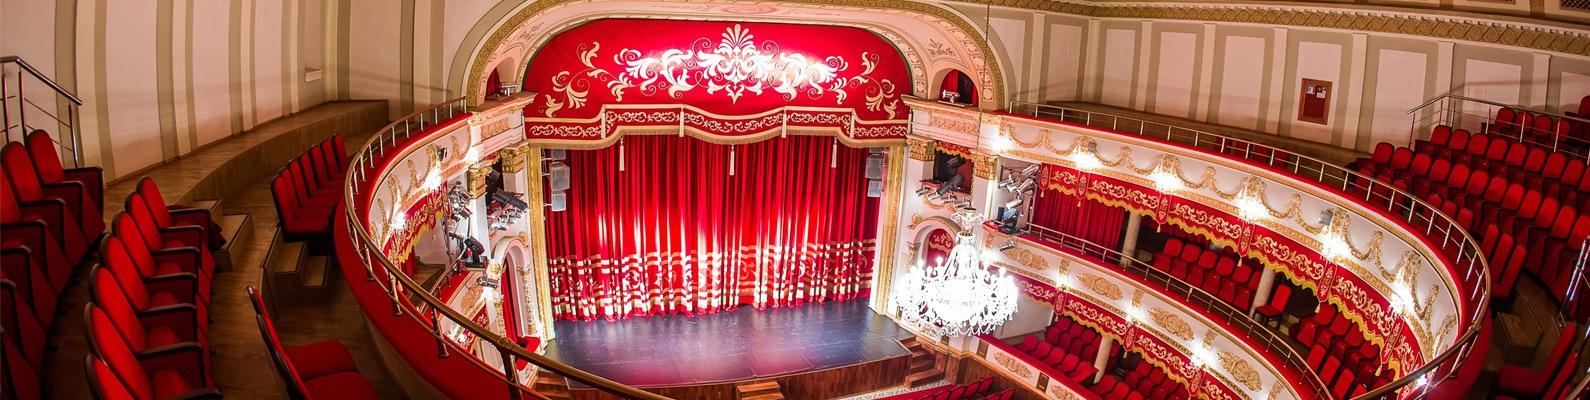 Афиша театр пономаренко краснодар купить билет в днепропетровский театр оперы и балета